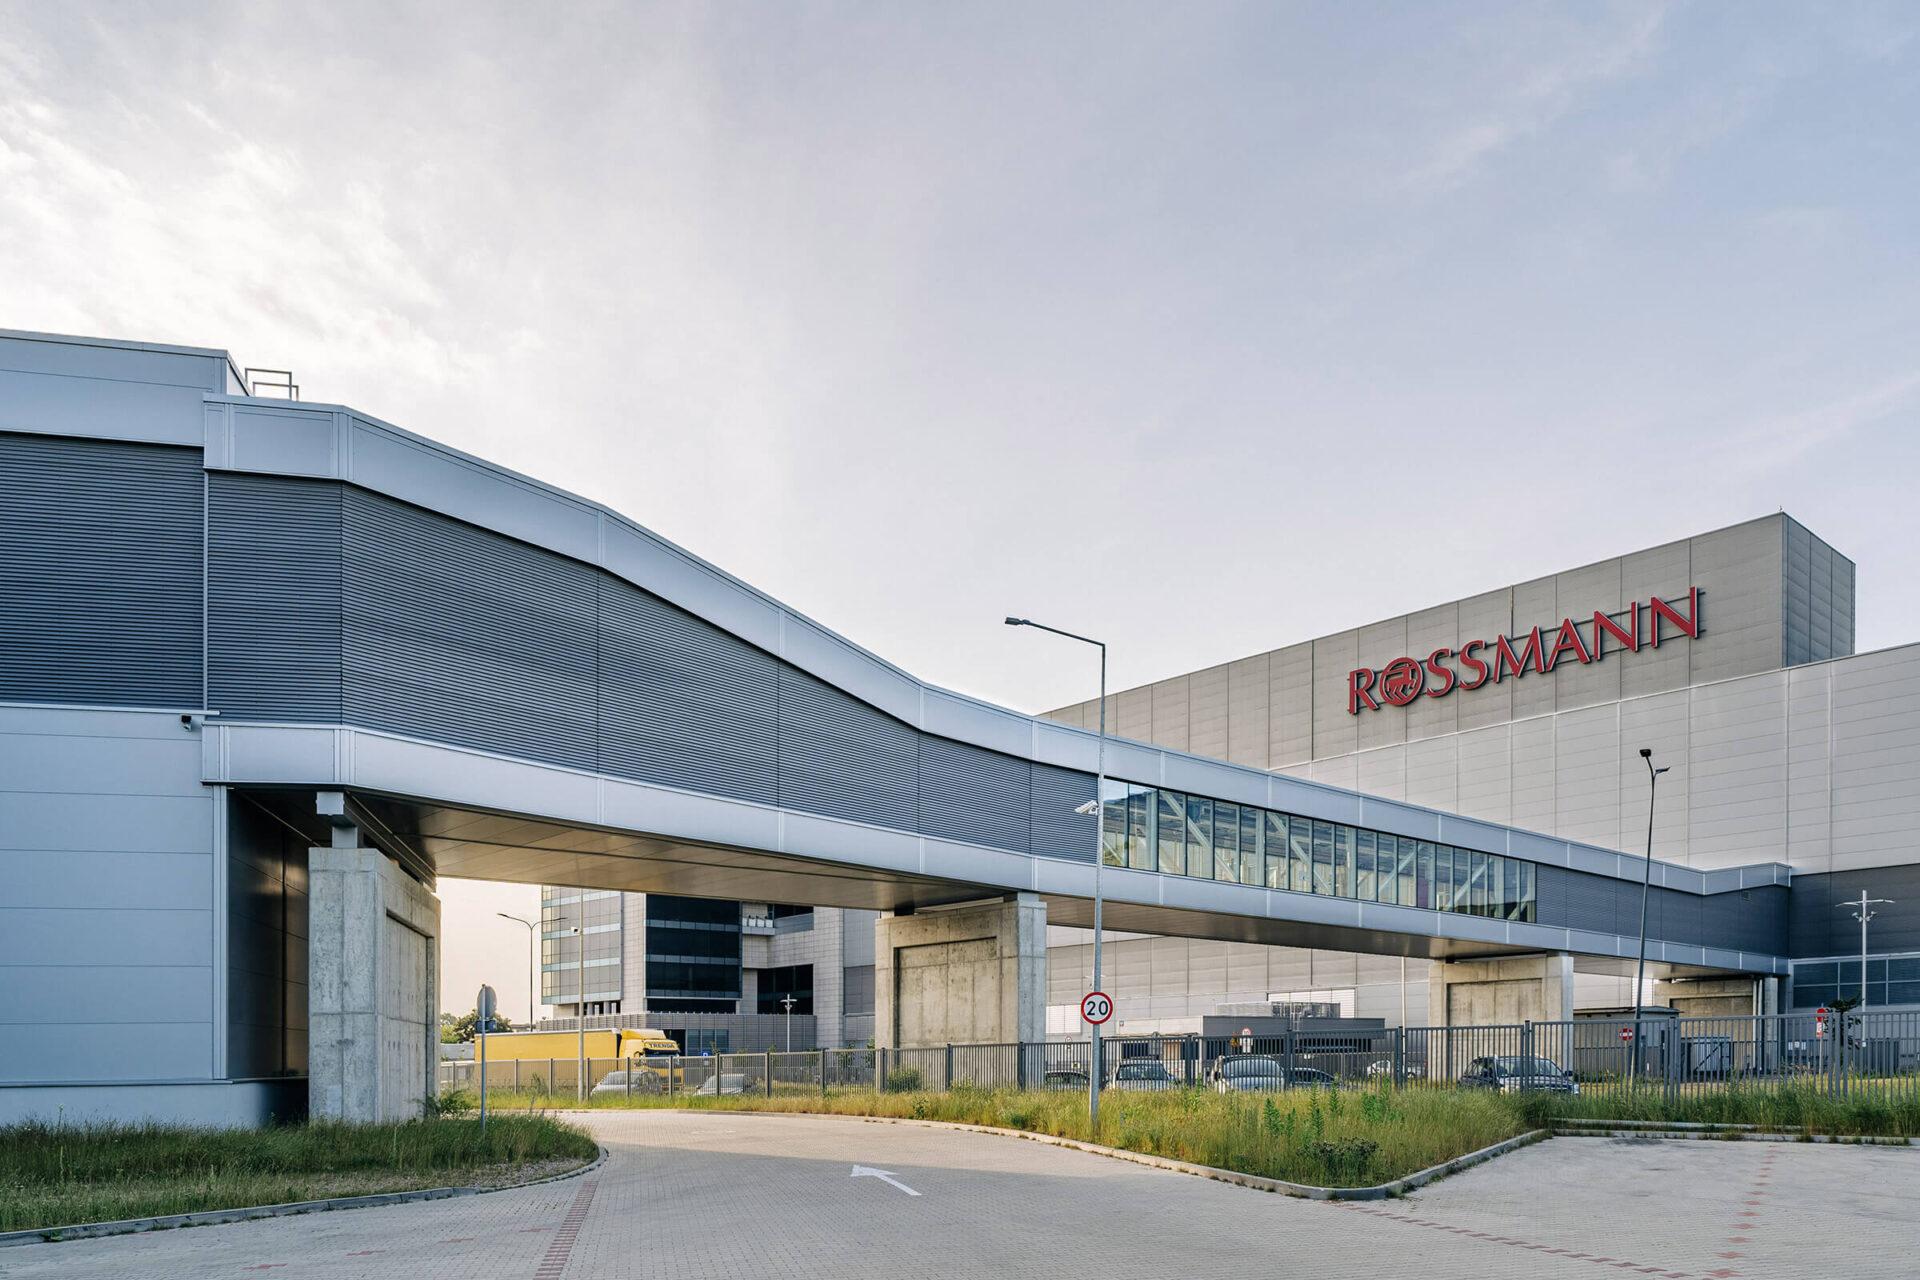 Hala magazynowa ROSSMANN – magazyn wysyłkowy wraz z galerią transportową